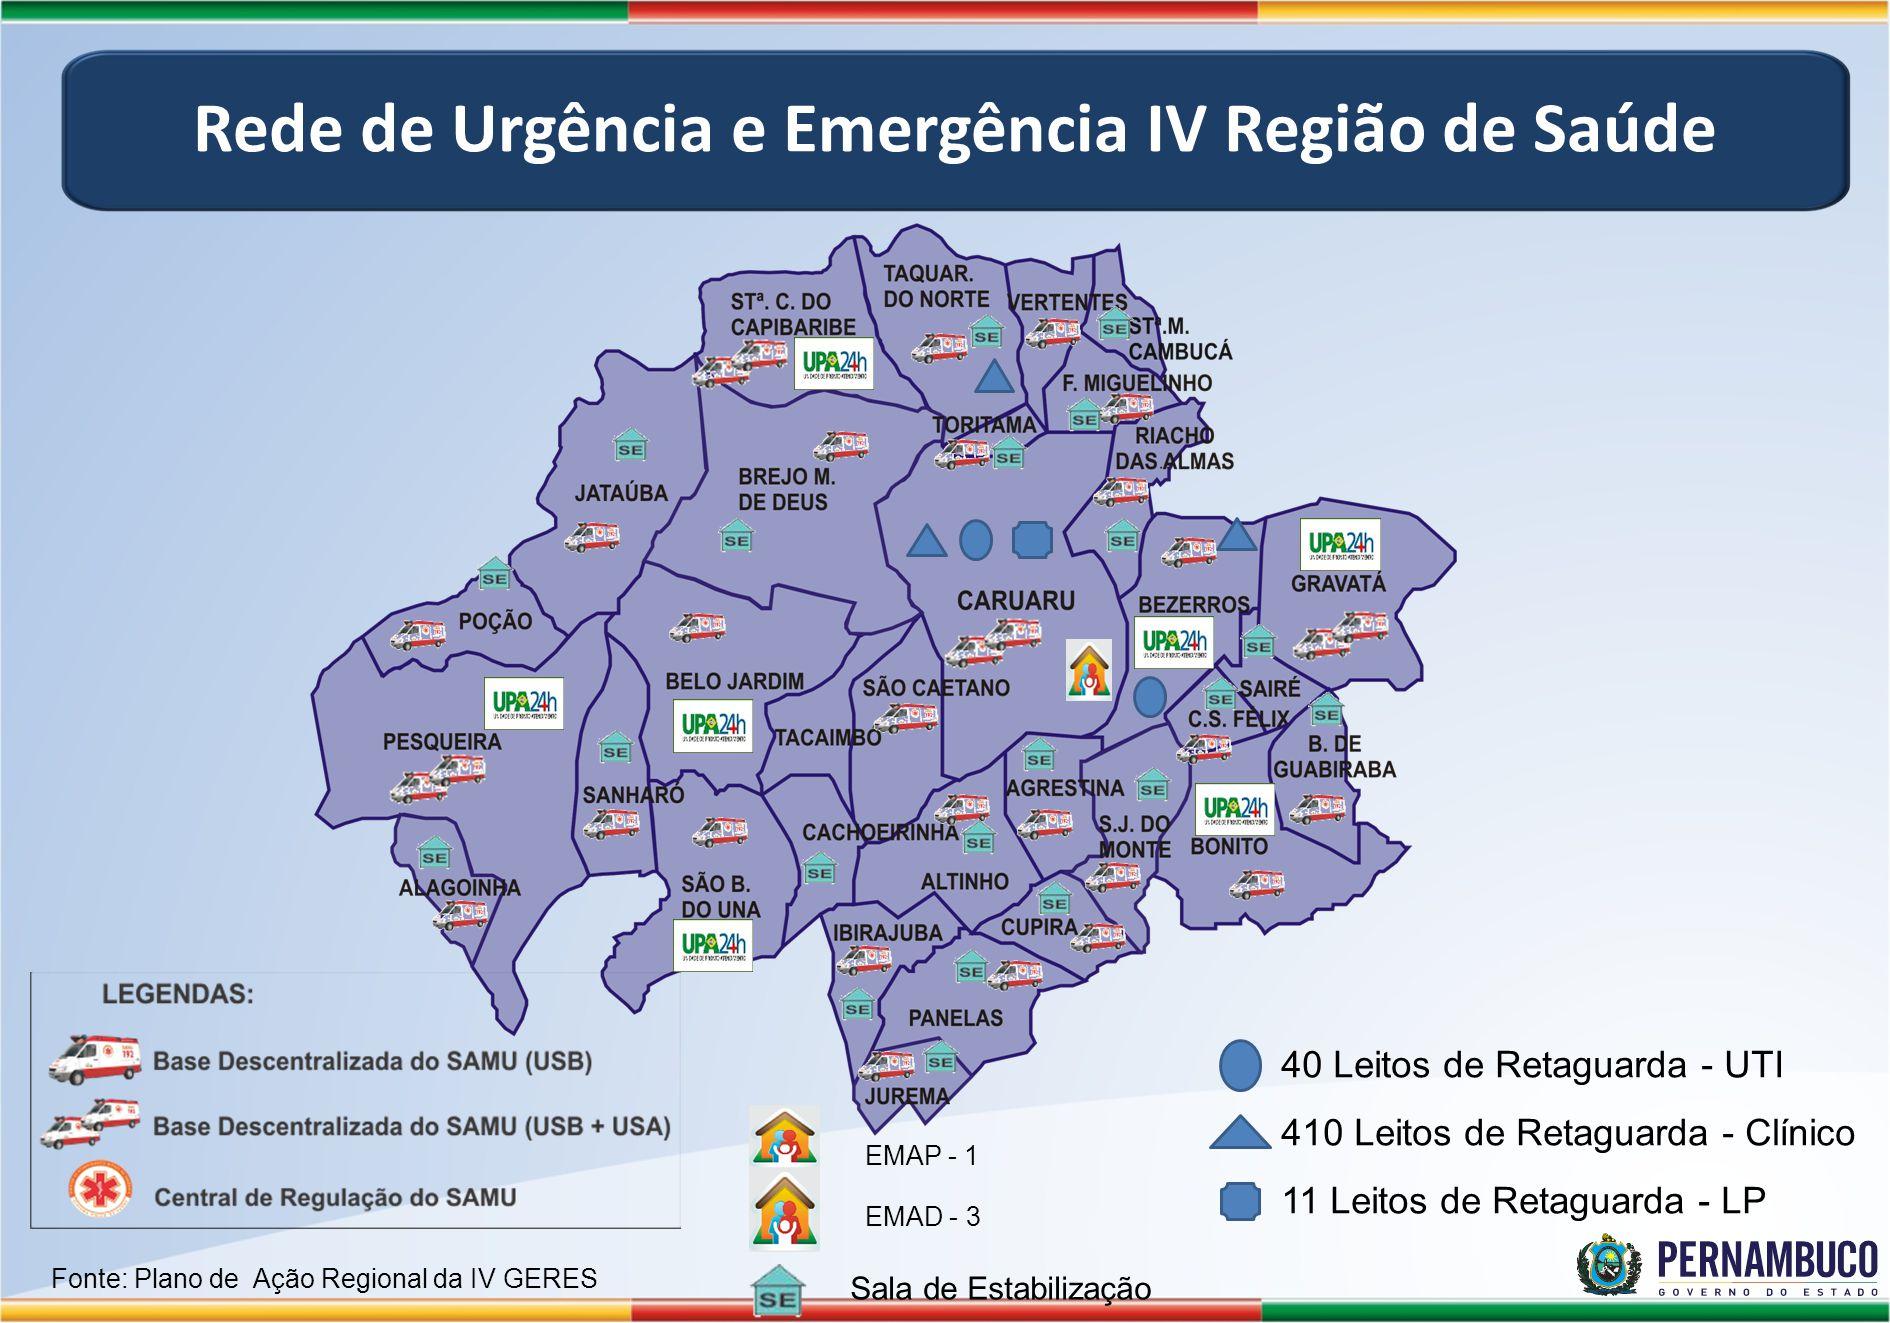 Rede de Urgência e Emergência IV Região de Saúde